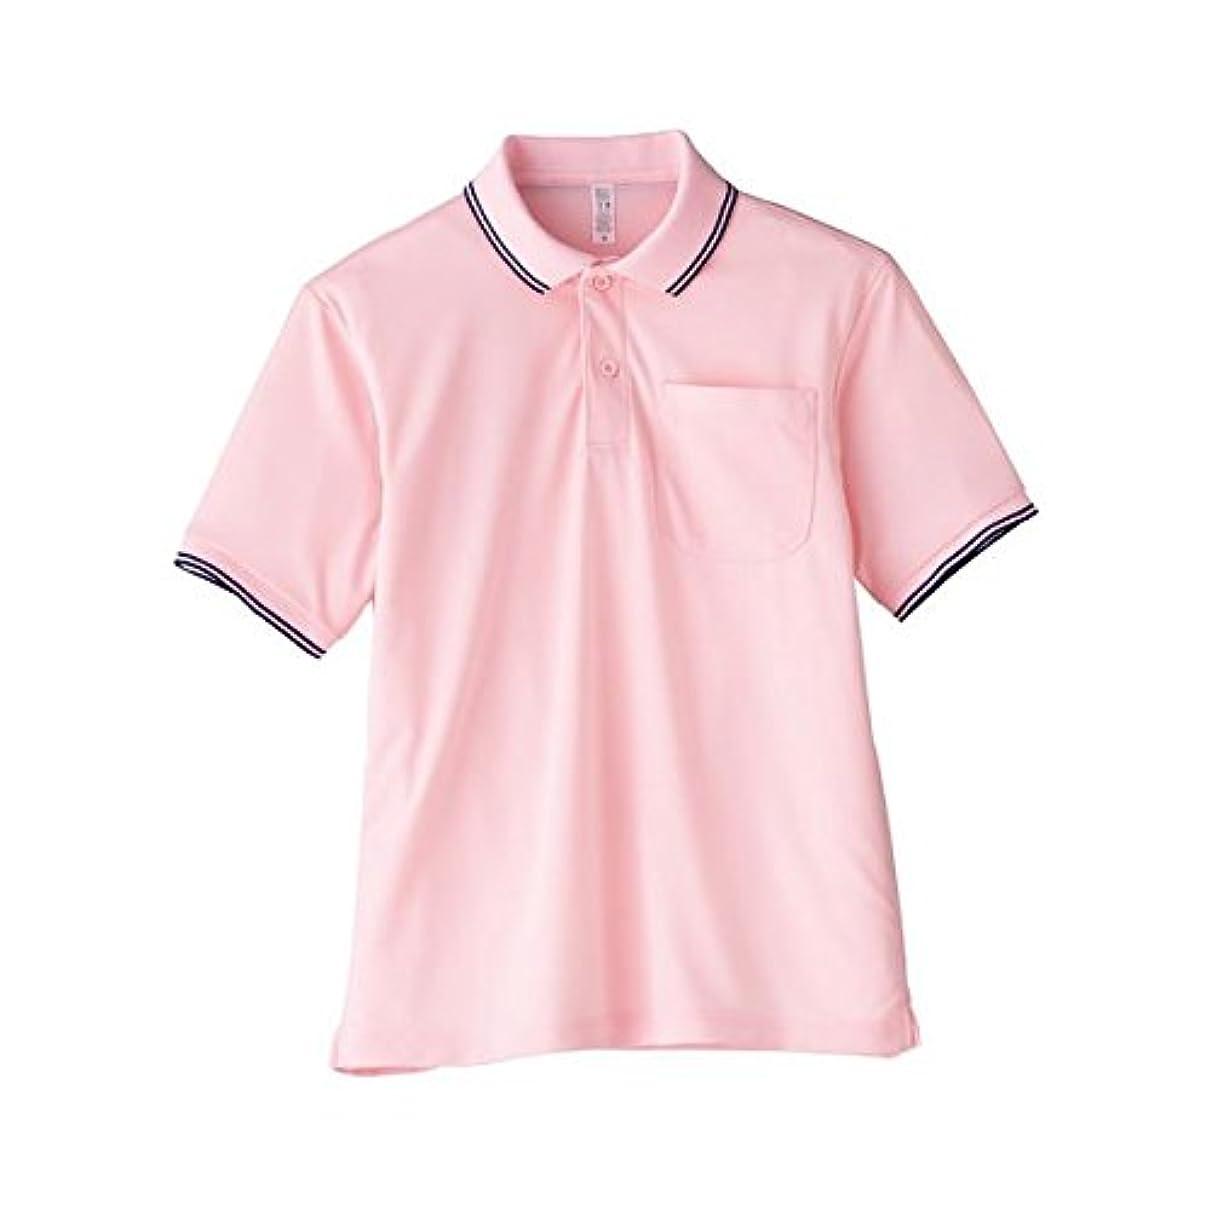 気晴らし気味の悪いパノラマ(業務用2セット) Natural Smile ポロシャツユニセックスMS3112 5L ライトPK